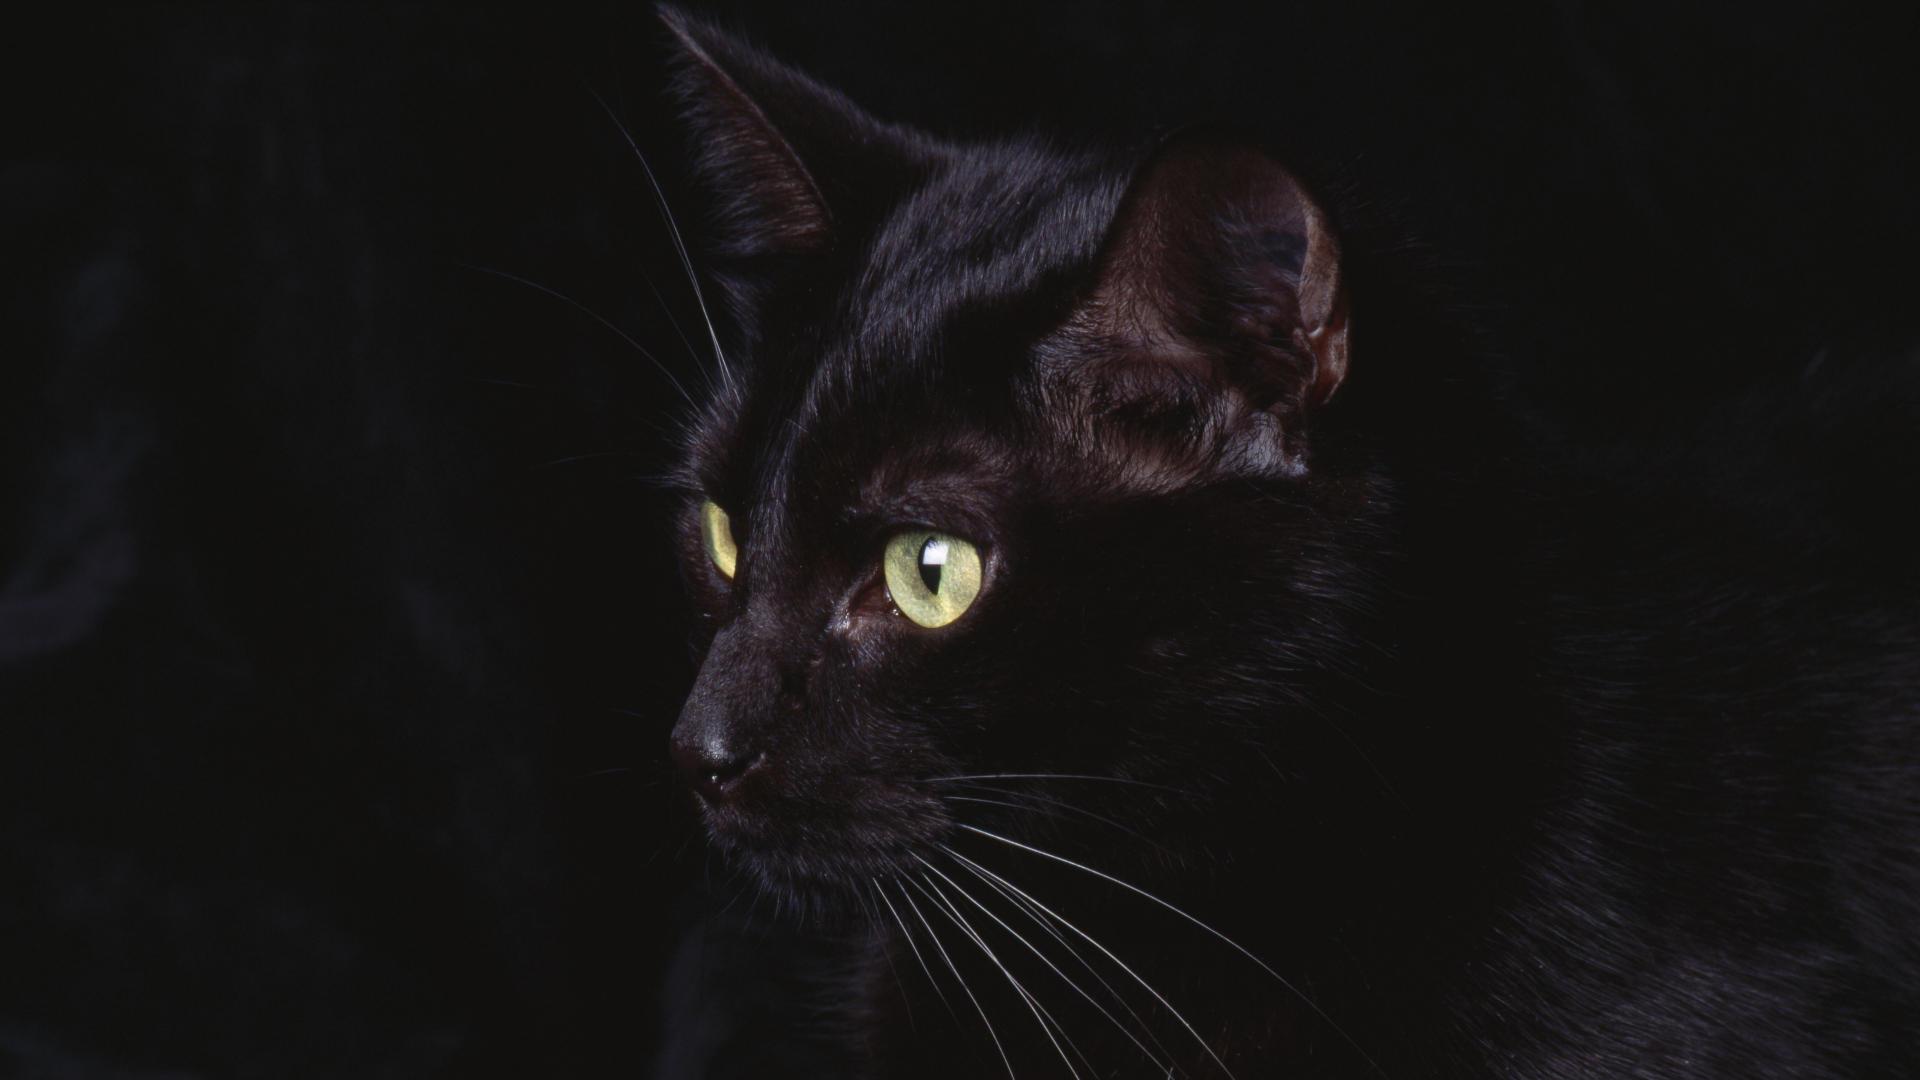 черный кот глаза пол без регистрации